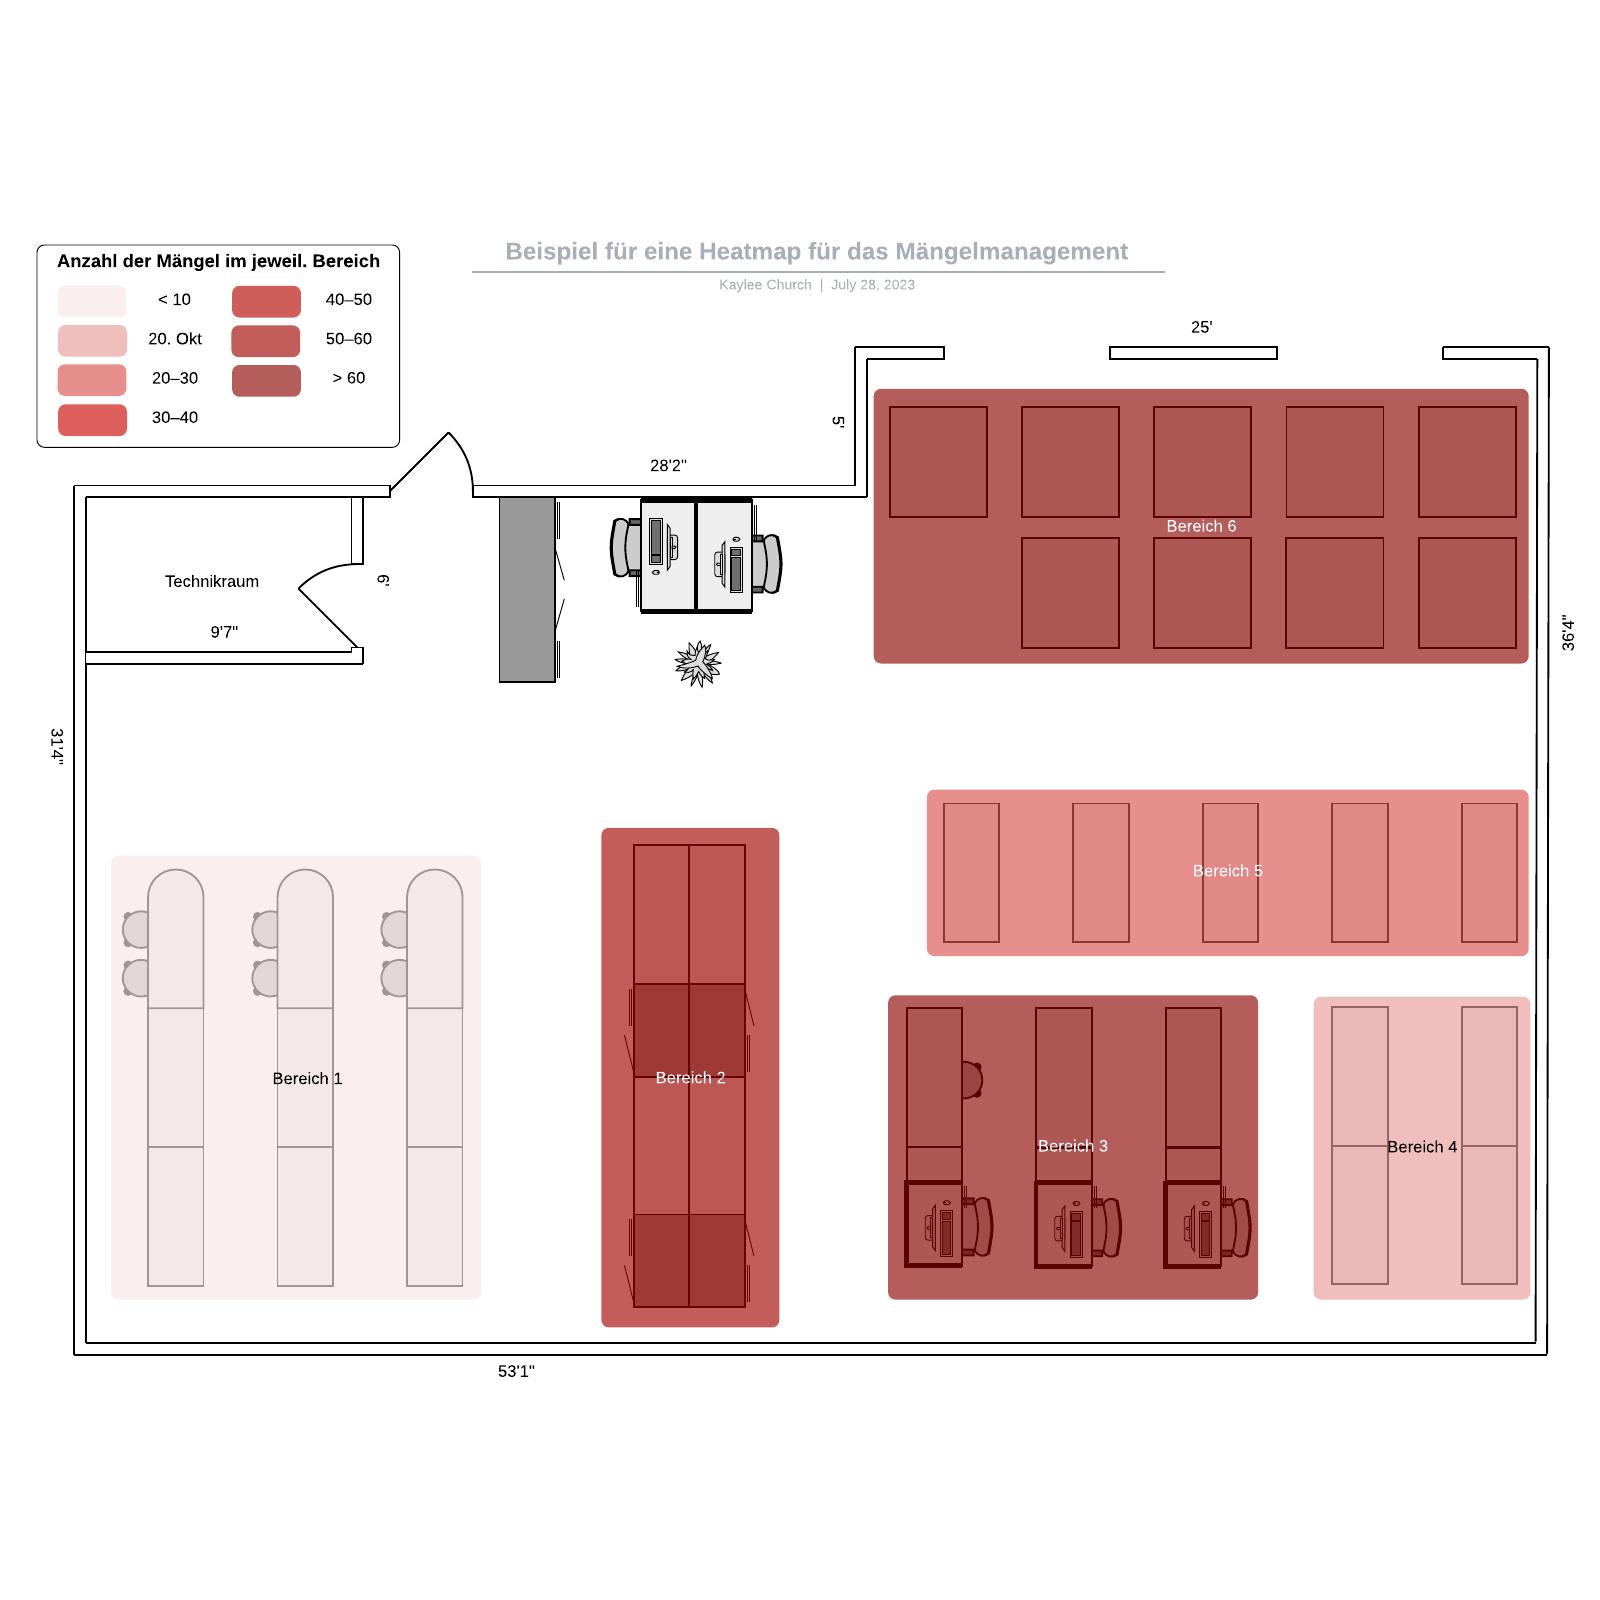 Heatmap für das Mängelmanagement - Beispiel